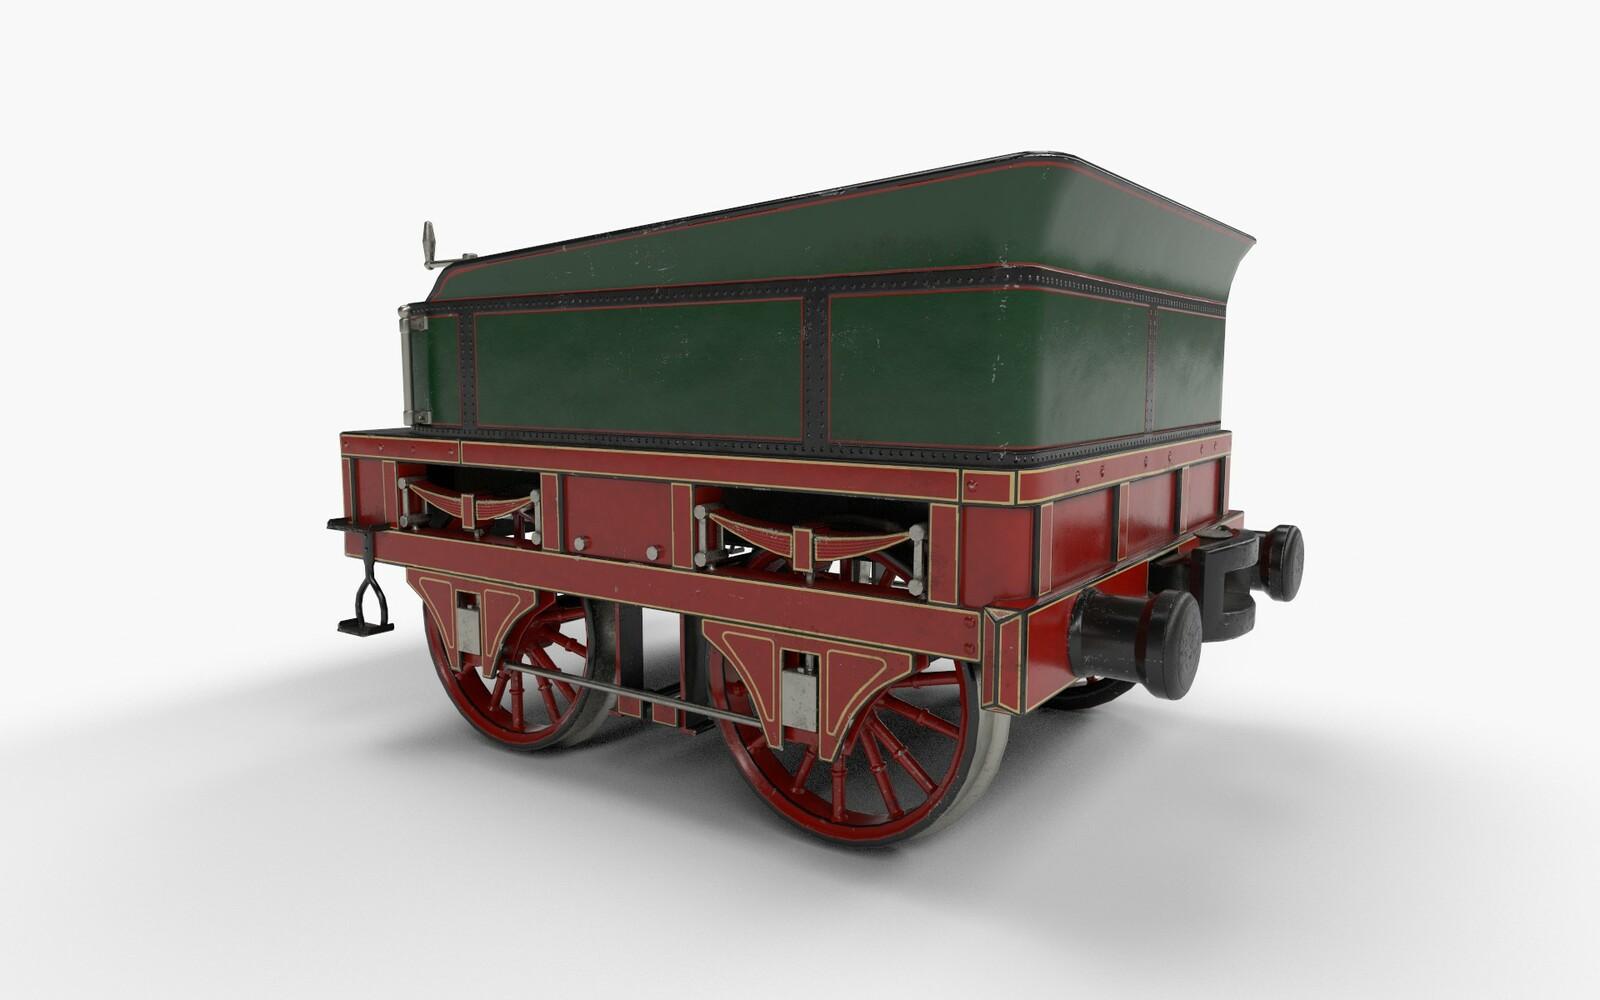 Adler Tender (historical train)